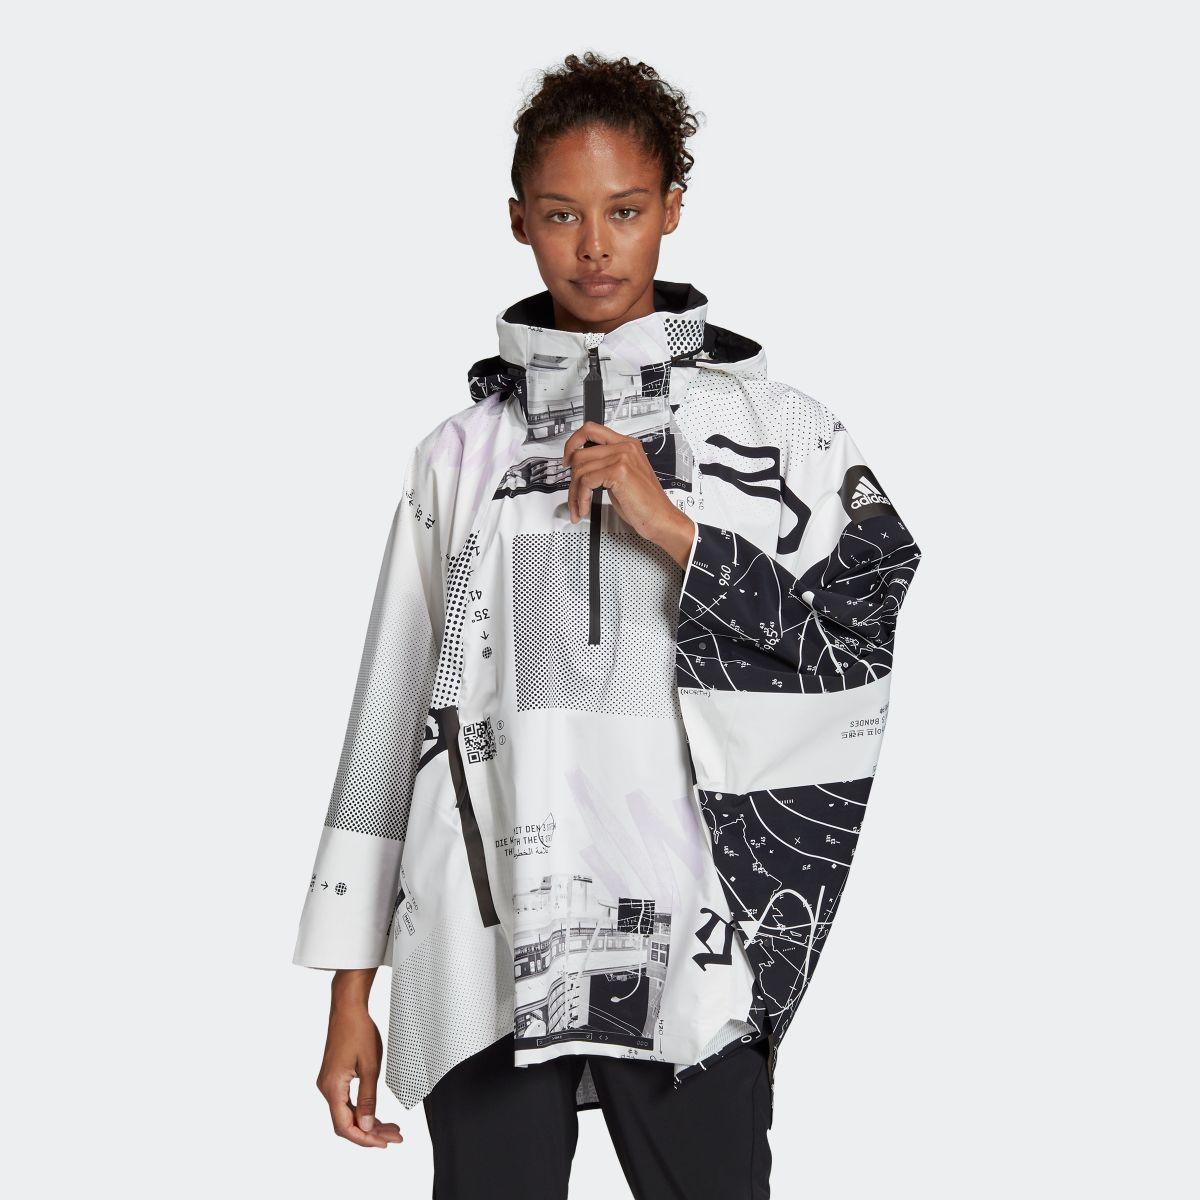 【公式】アディダス adidas マイシェルター RAIN. RDY ケープ / MYSHELTER RAIN. RDY Cape レディース アウトドア ウェア アウター ジャケット FI9285 moday p0525